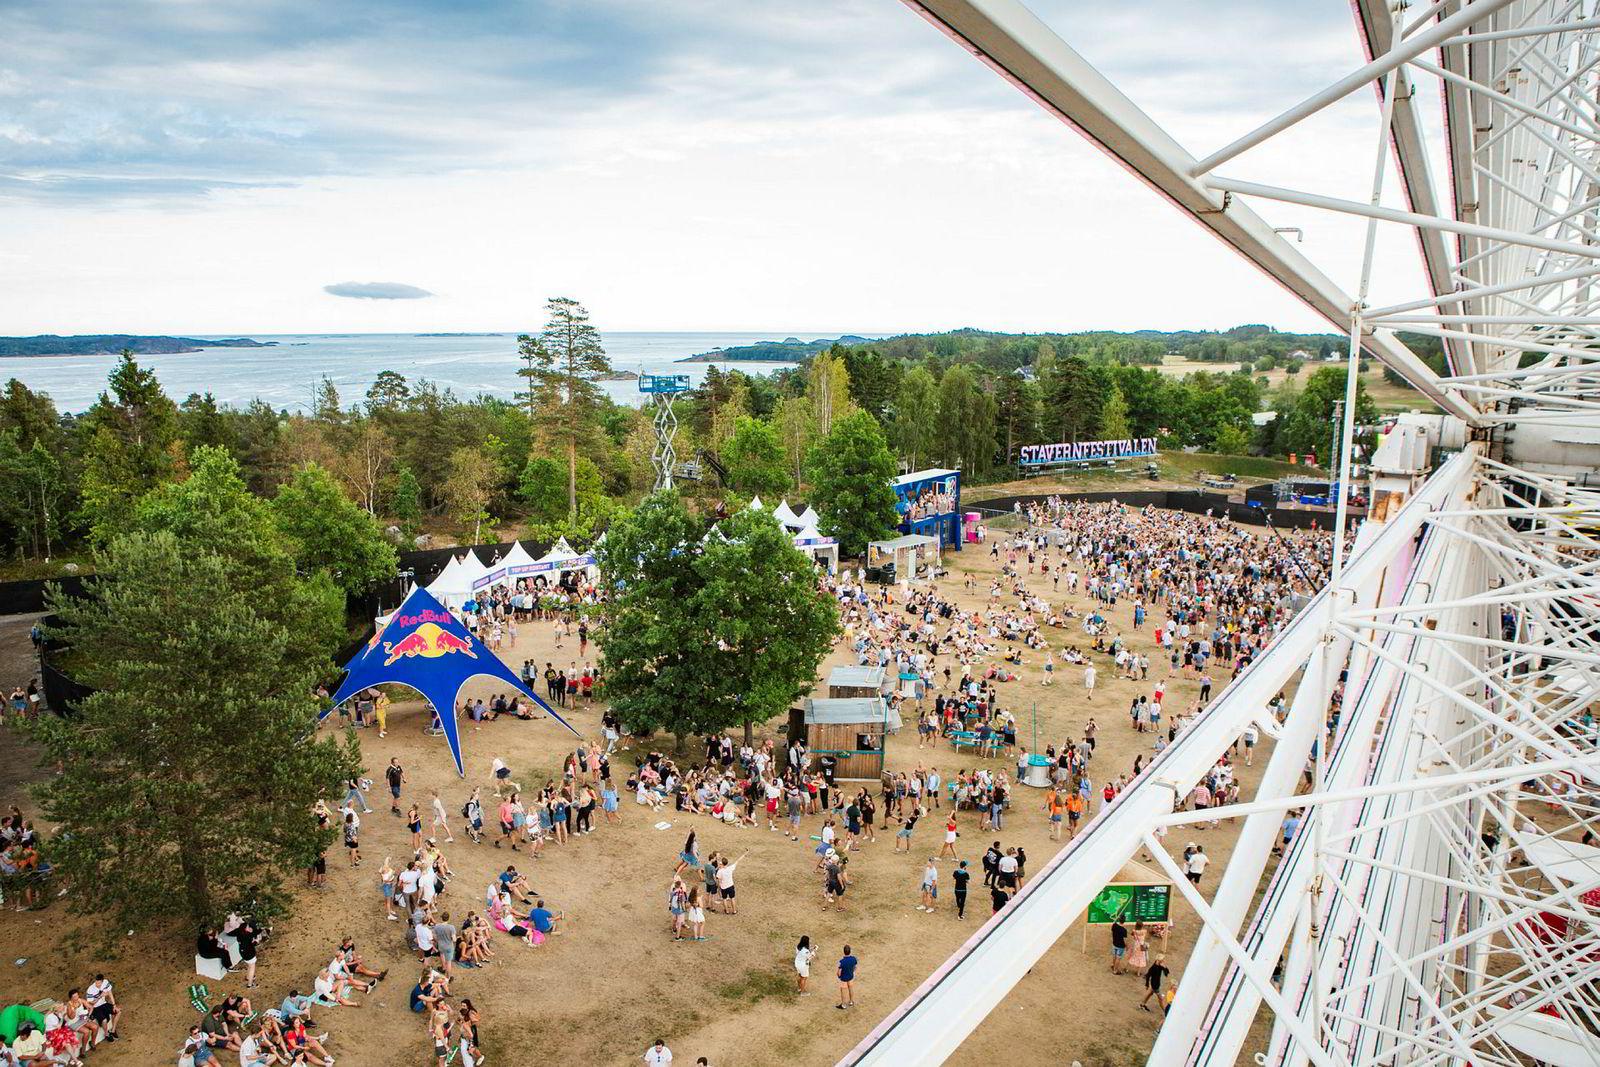 Sponsorer inntar musikkfestivalene. Spredt utover festivalområdet finner man Red Bull-telt, Norsk Tipping-terrasse, et pariserhjul med Coca-Cola-logo og en rekke andre tilbud fra samarbeidspartnere som vil eksponere seg for unge festivalgjengere.